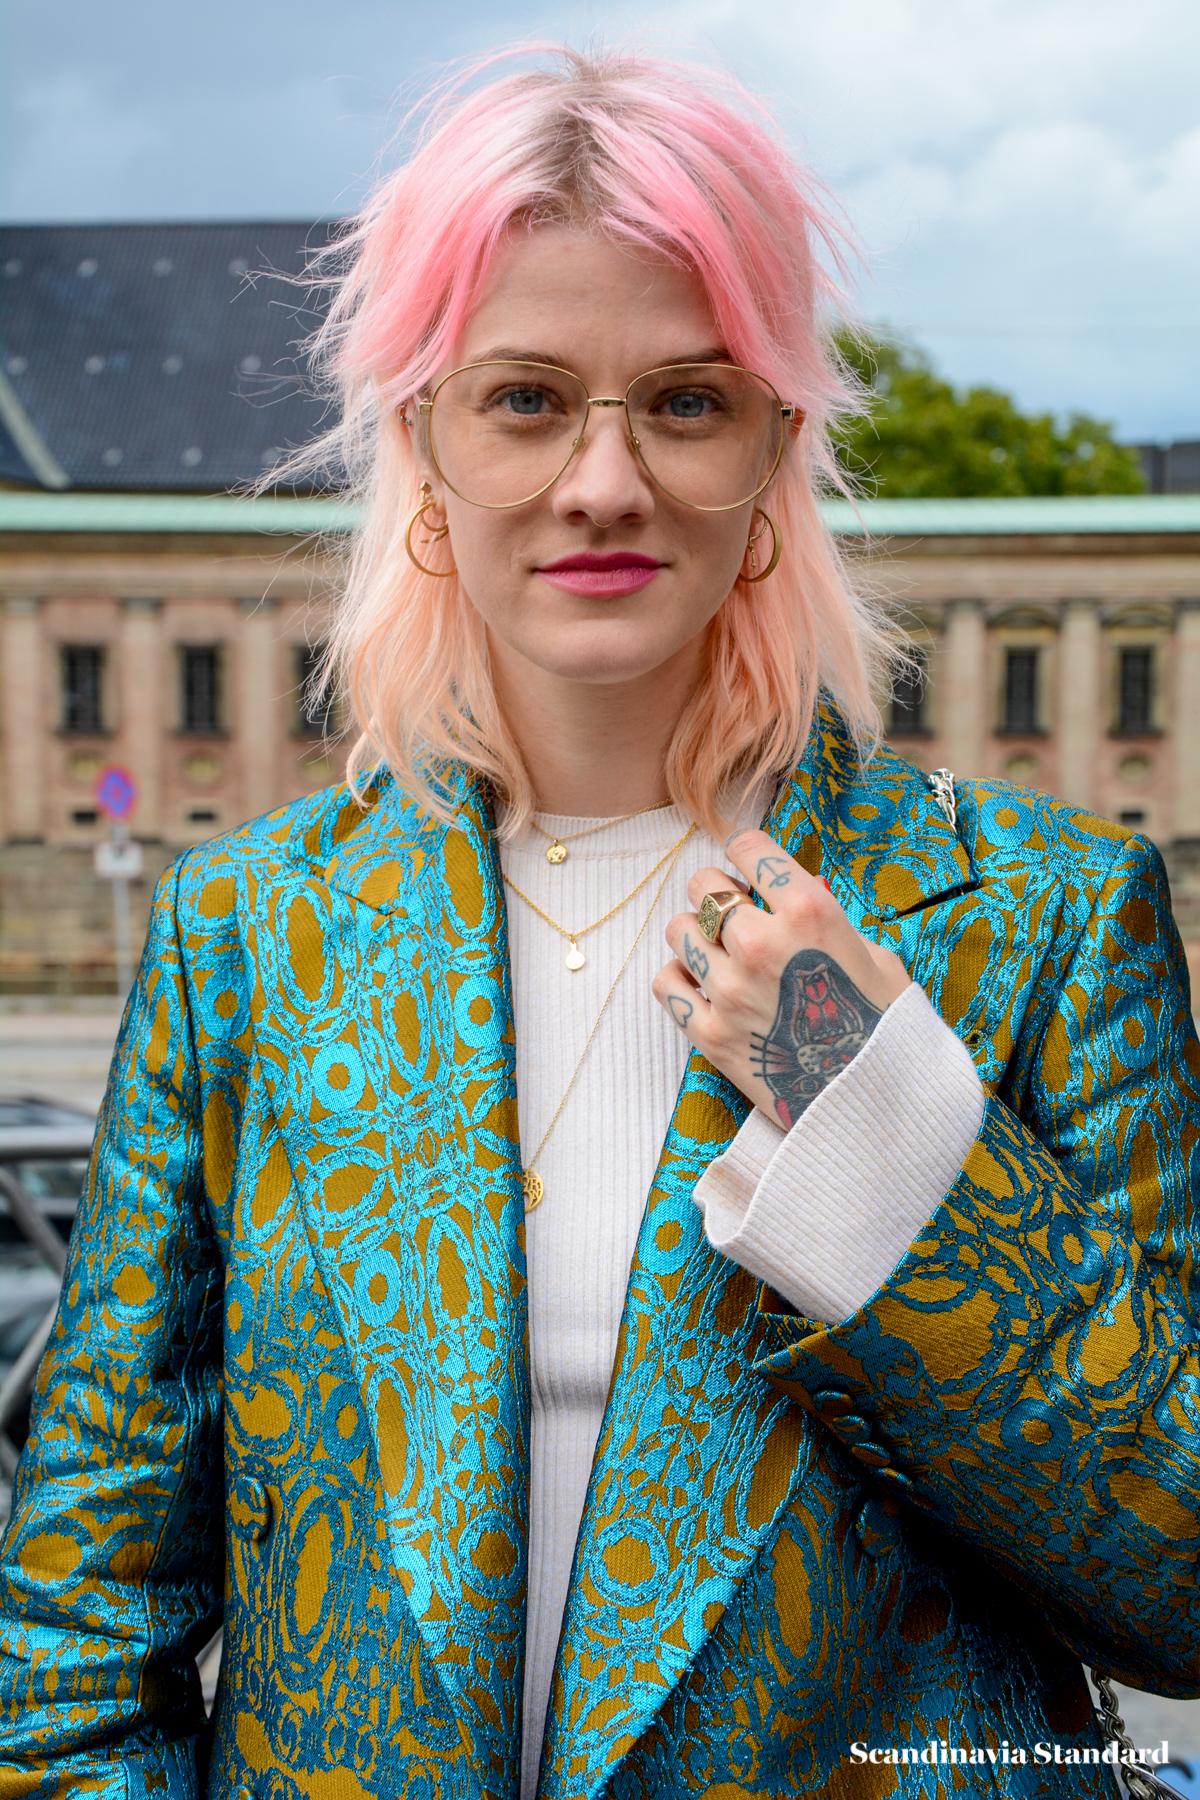 The Best Copenhagen Fashion Week Street Style SS17 | Scandinavia Standard - DSC_6536